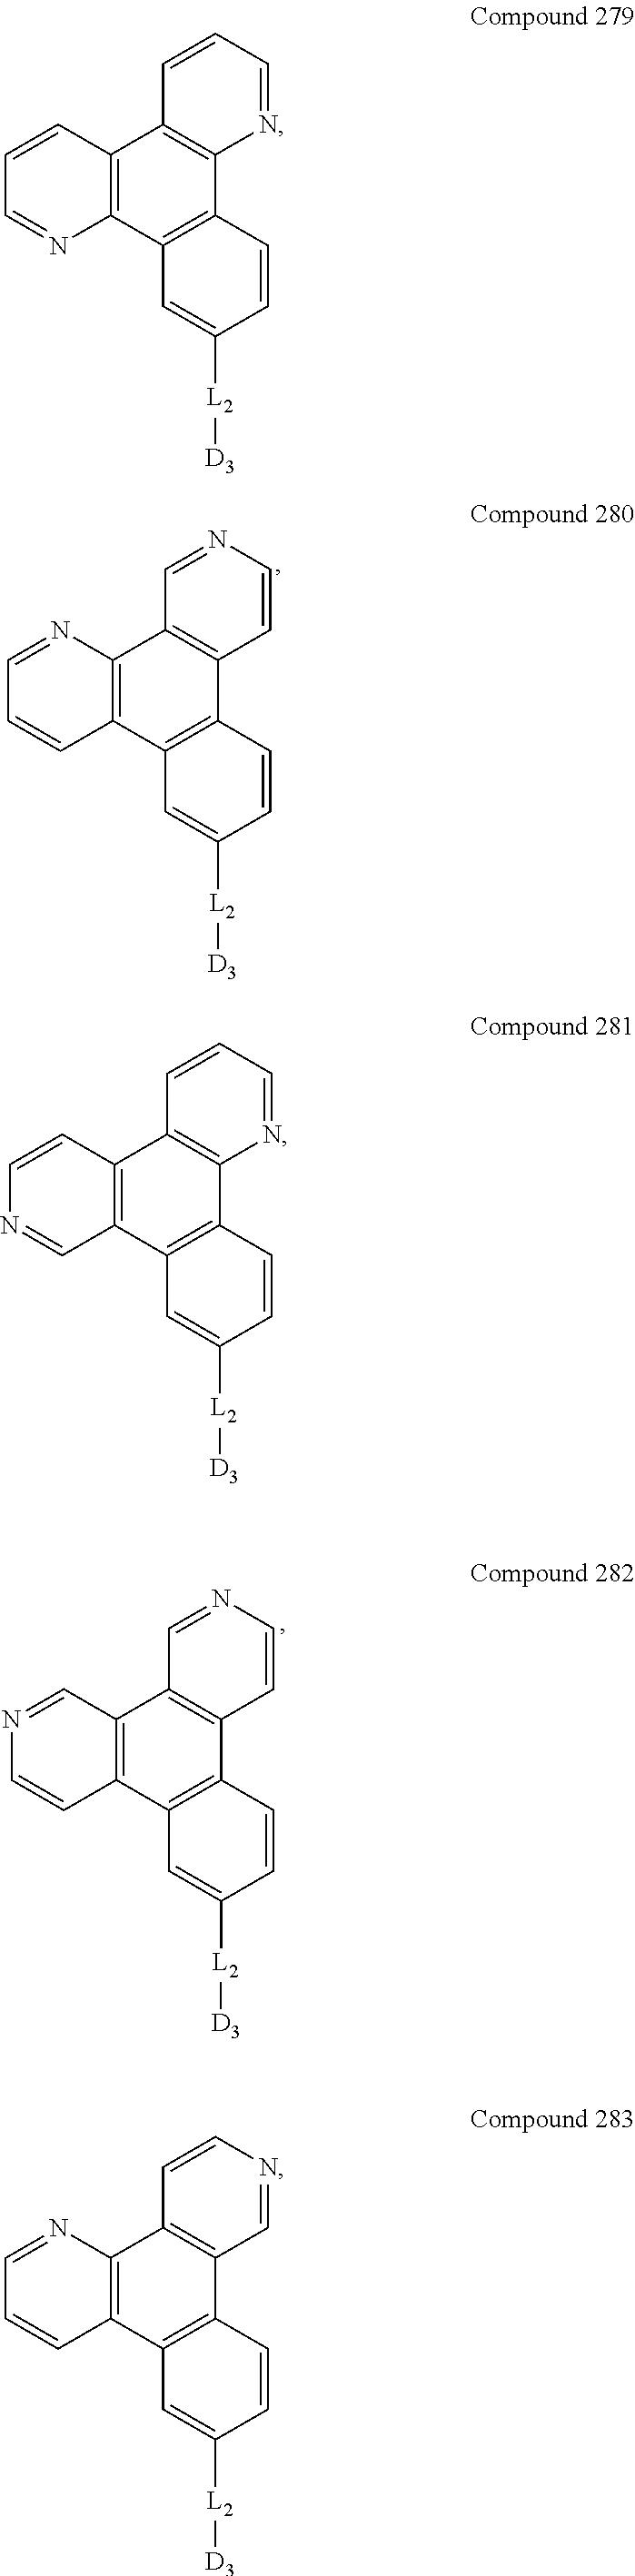 Figure US09537106-20170103-C00536